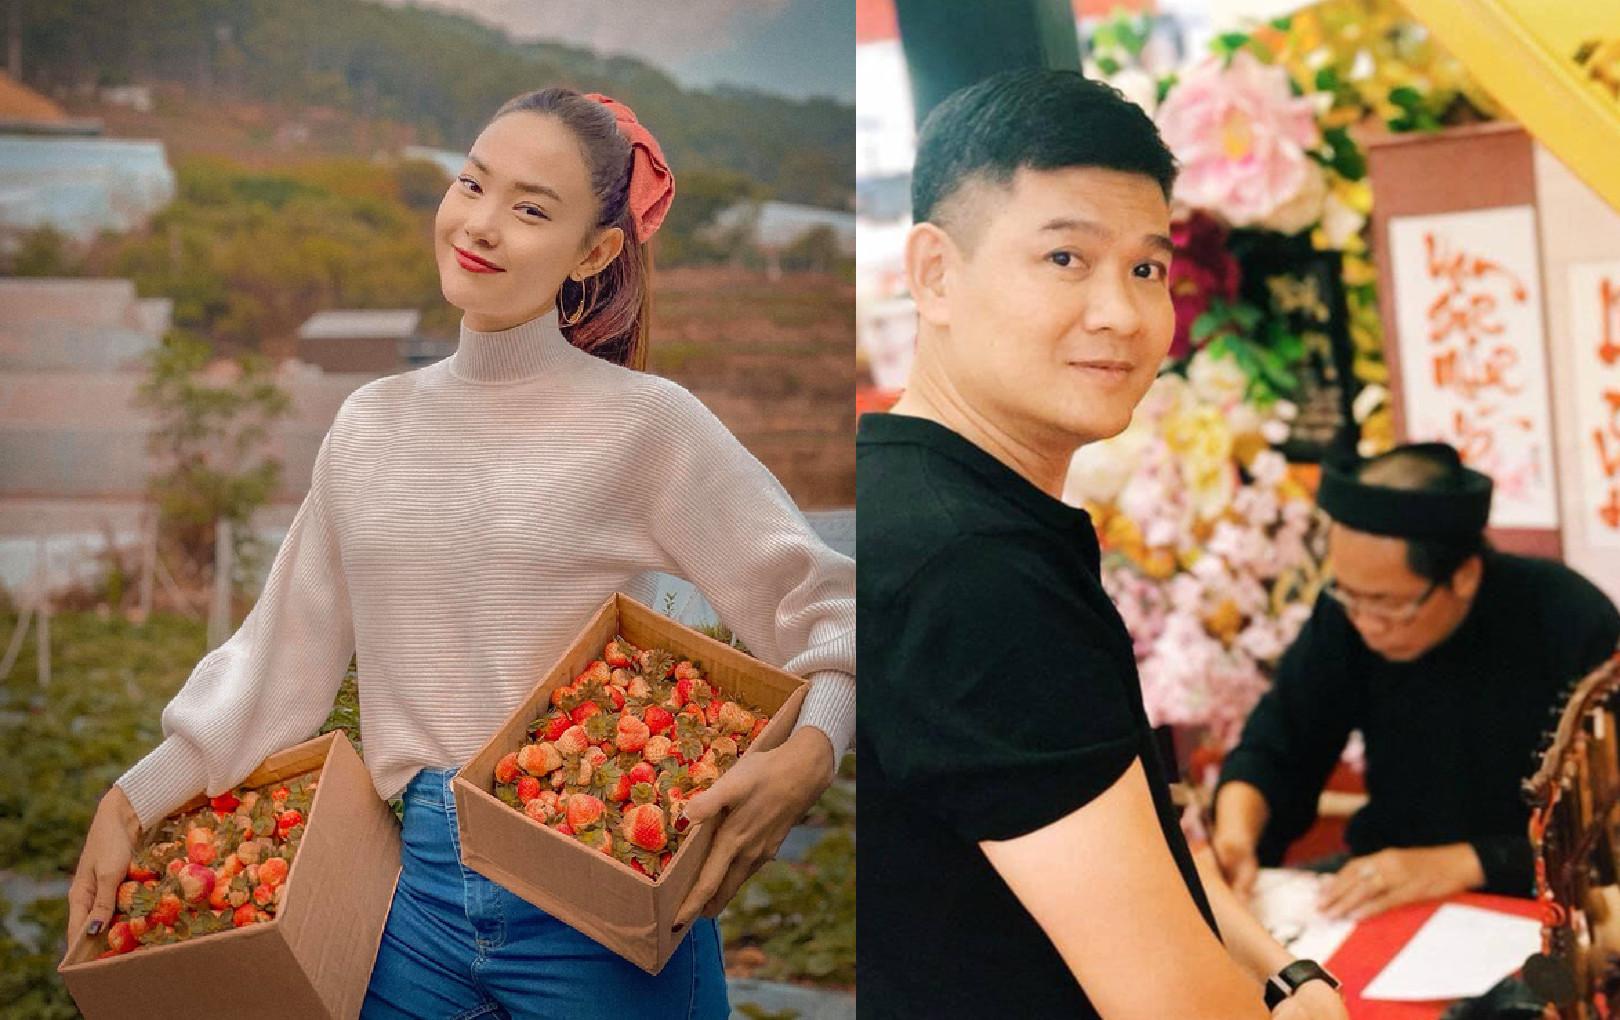 """Rò rỉ ảnh """"bạn trai"""" của Minh Hằng, đi du lịch, hẹn hò và tương tác đáng ngờ từ năm 2018?"""